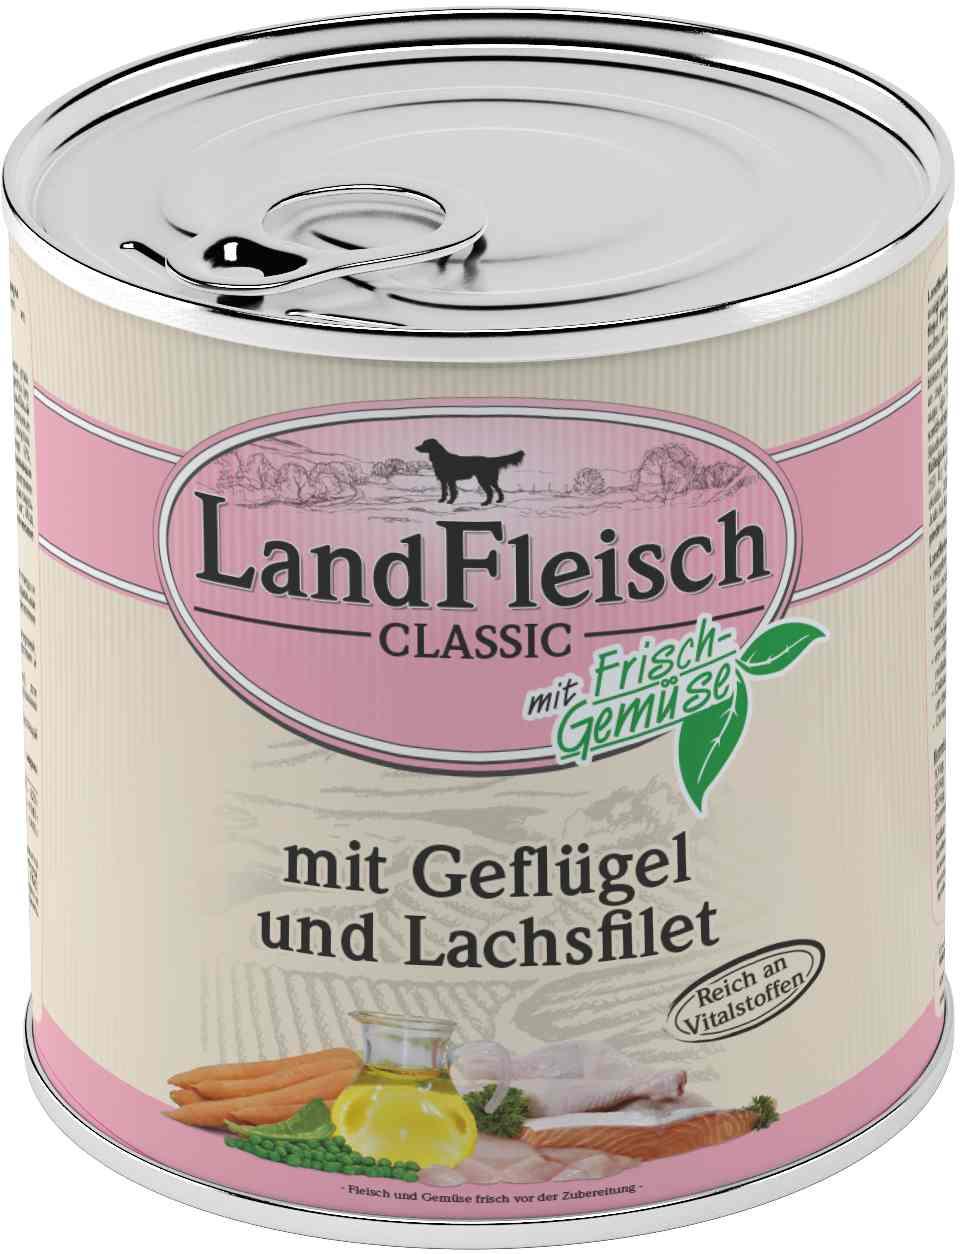 Landfleisch Dog Classic Geflügel, Lachsfilet 800g